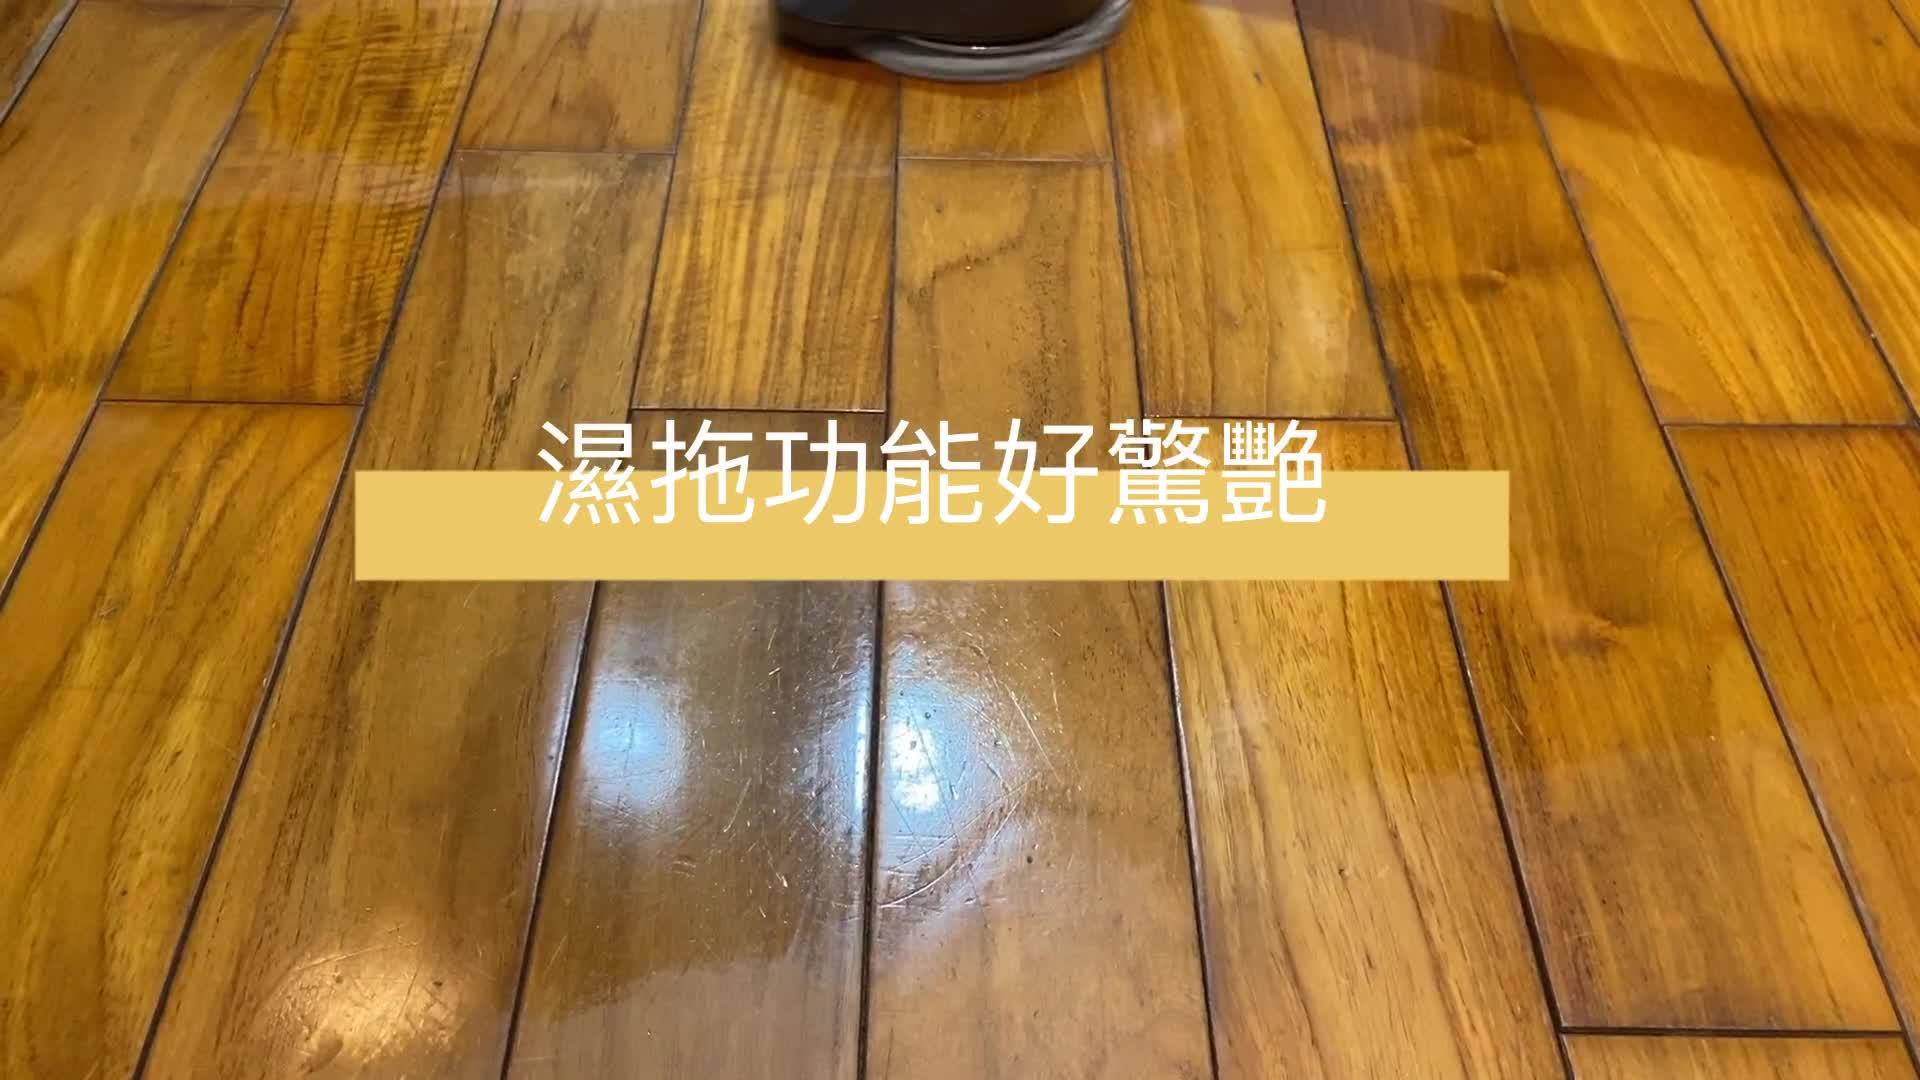 【實測】最新快清式LG A9+無線吸塵器